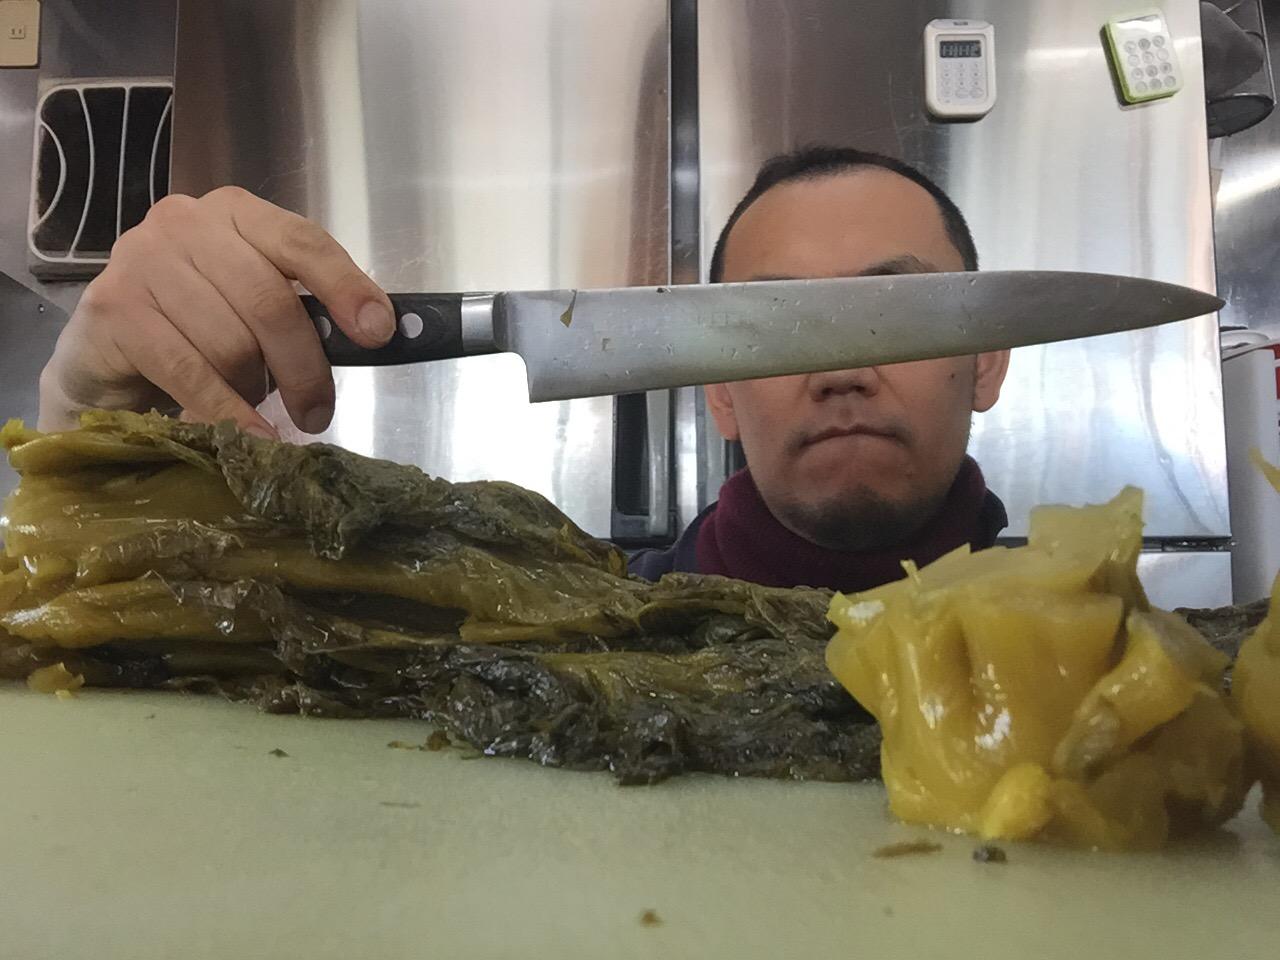 切れなくなった包丁を一時的に切れる様にする方法